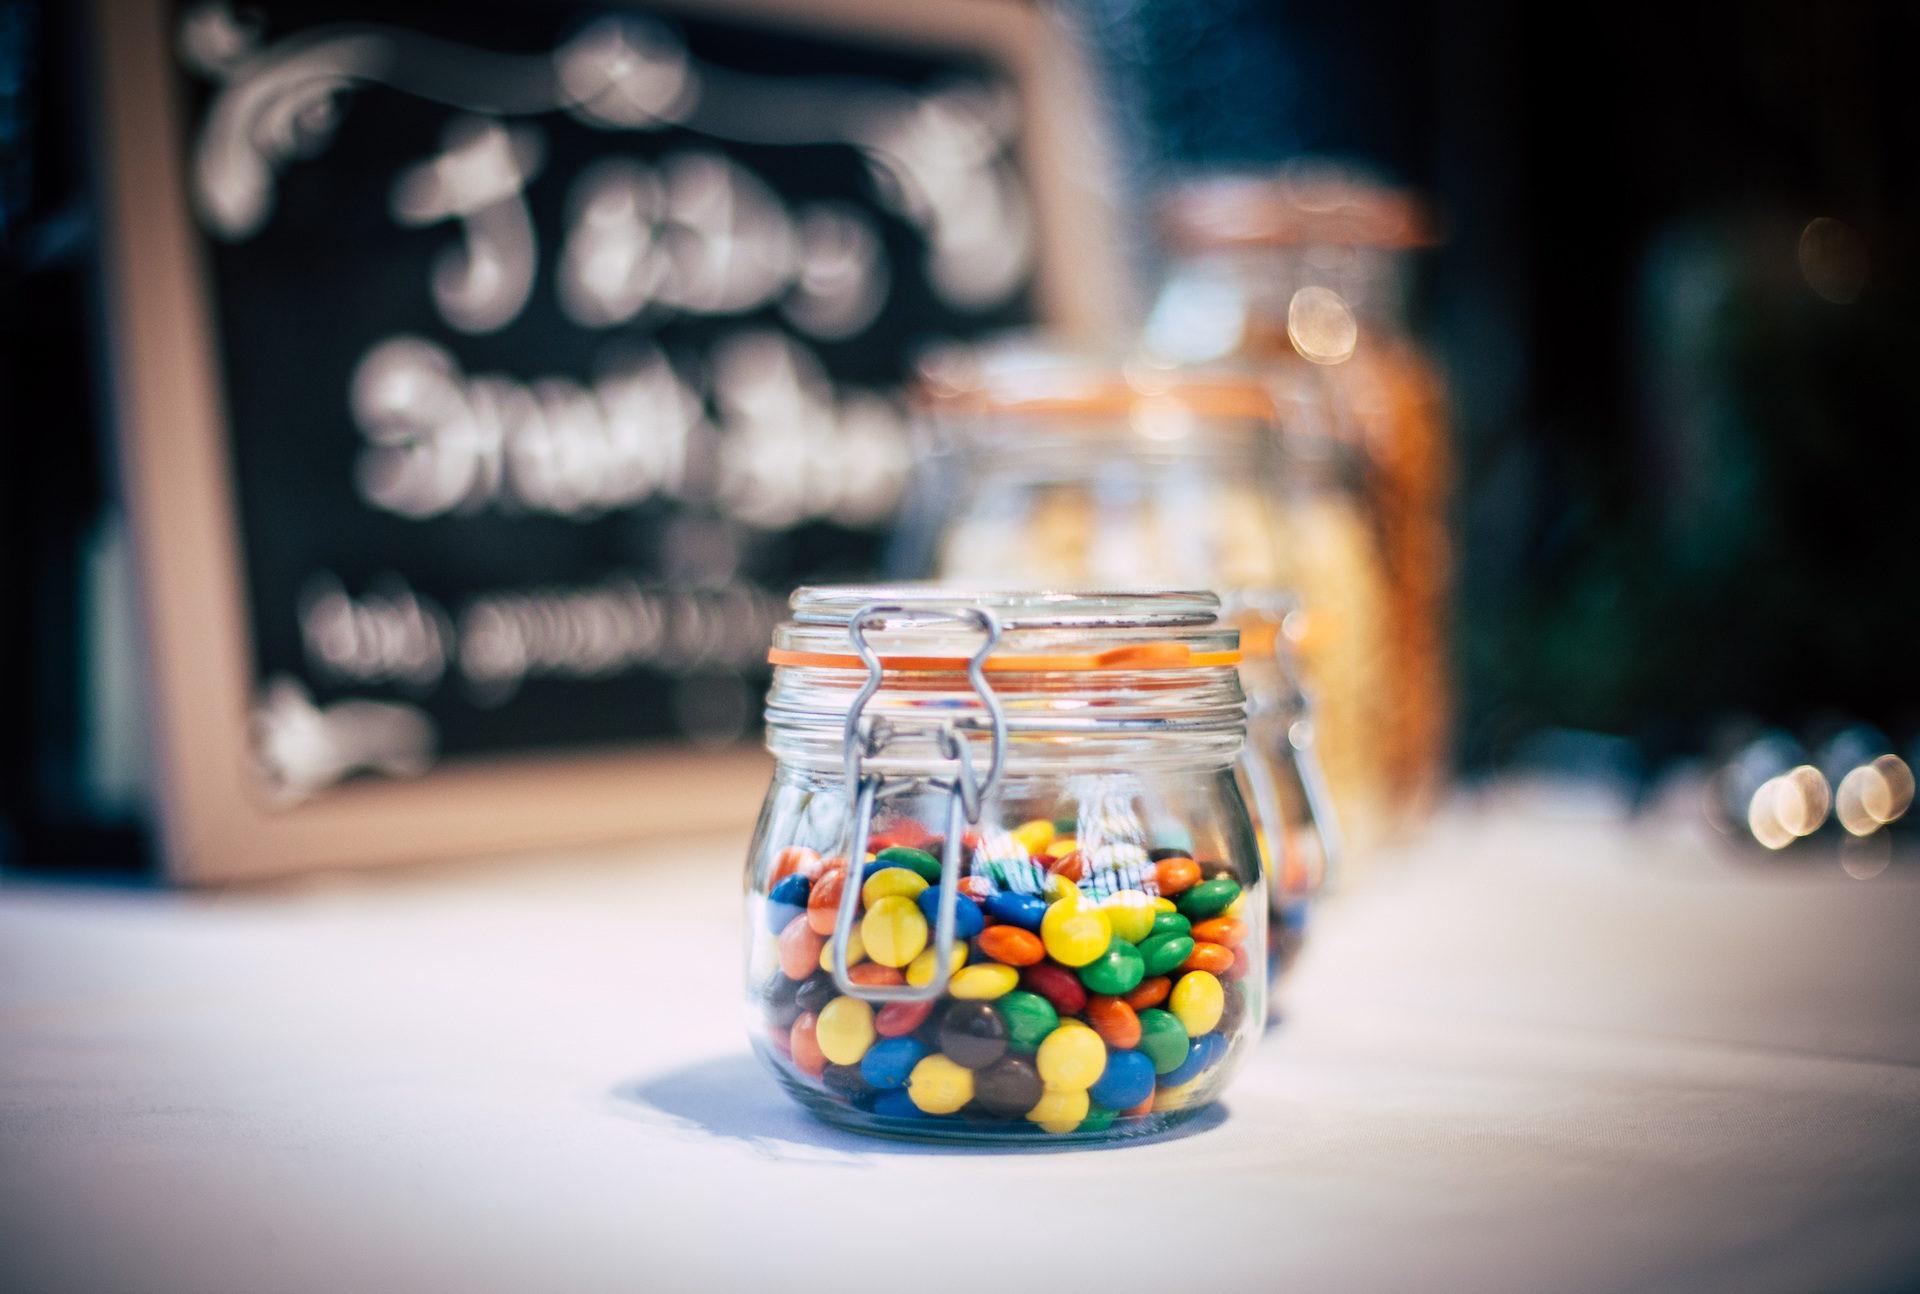 dulces, caramelos, golosinas, tarro, colorido - Fondos de Pantalla HD - professor-falken.com